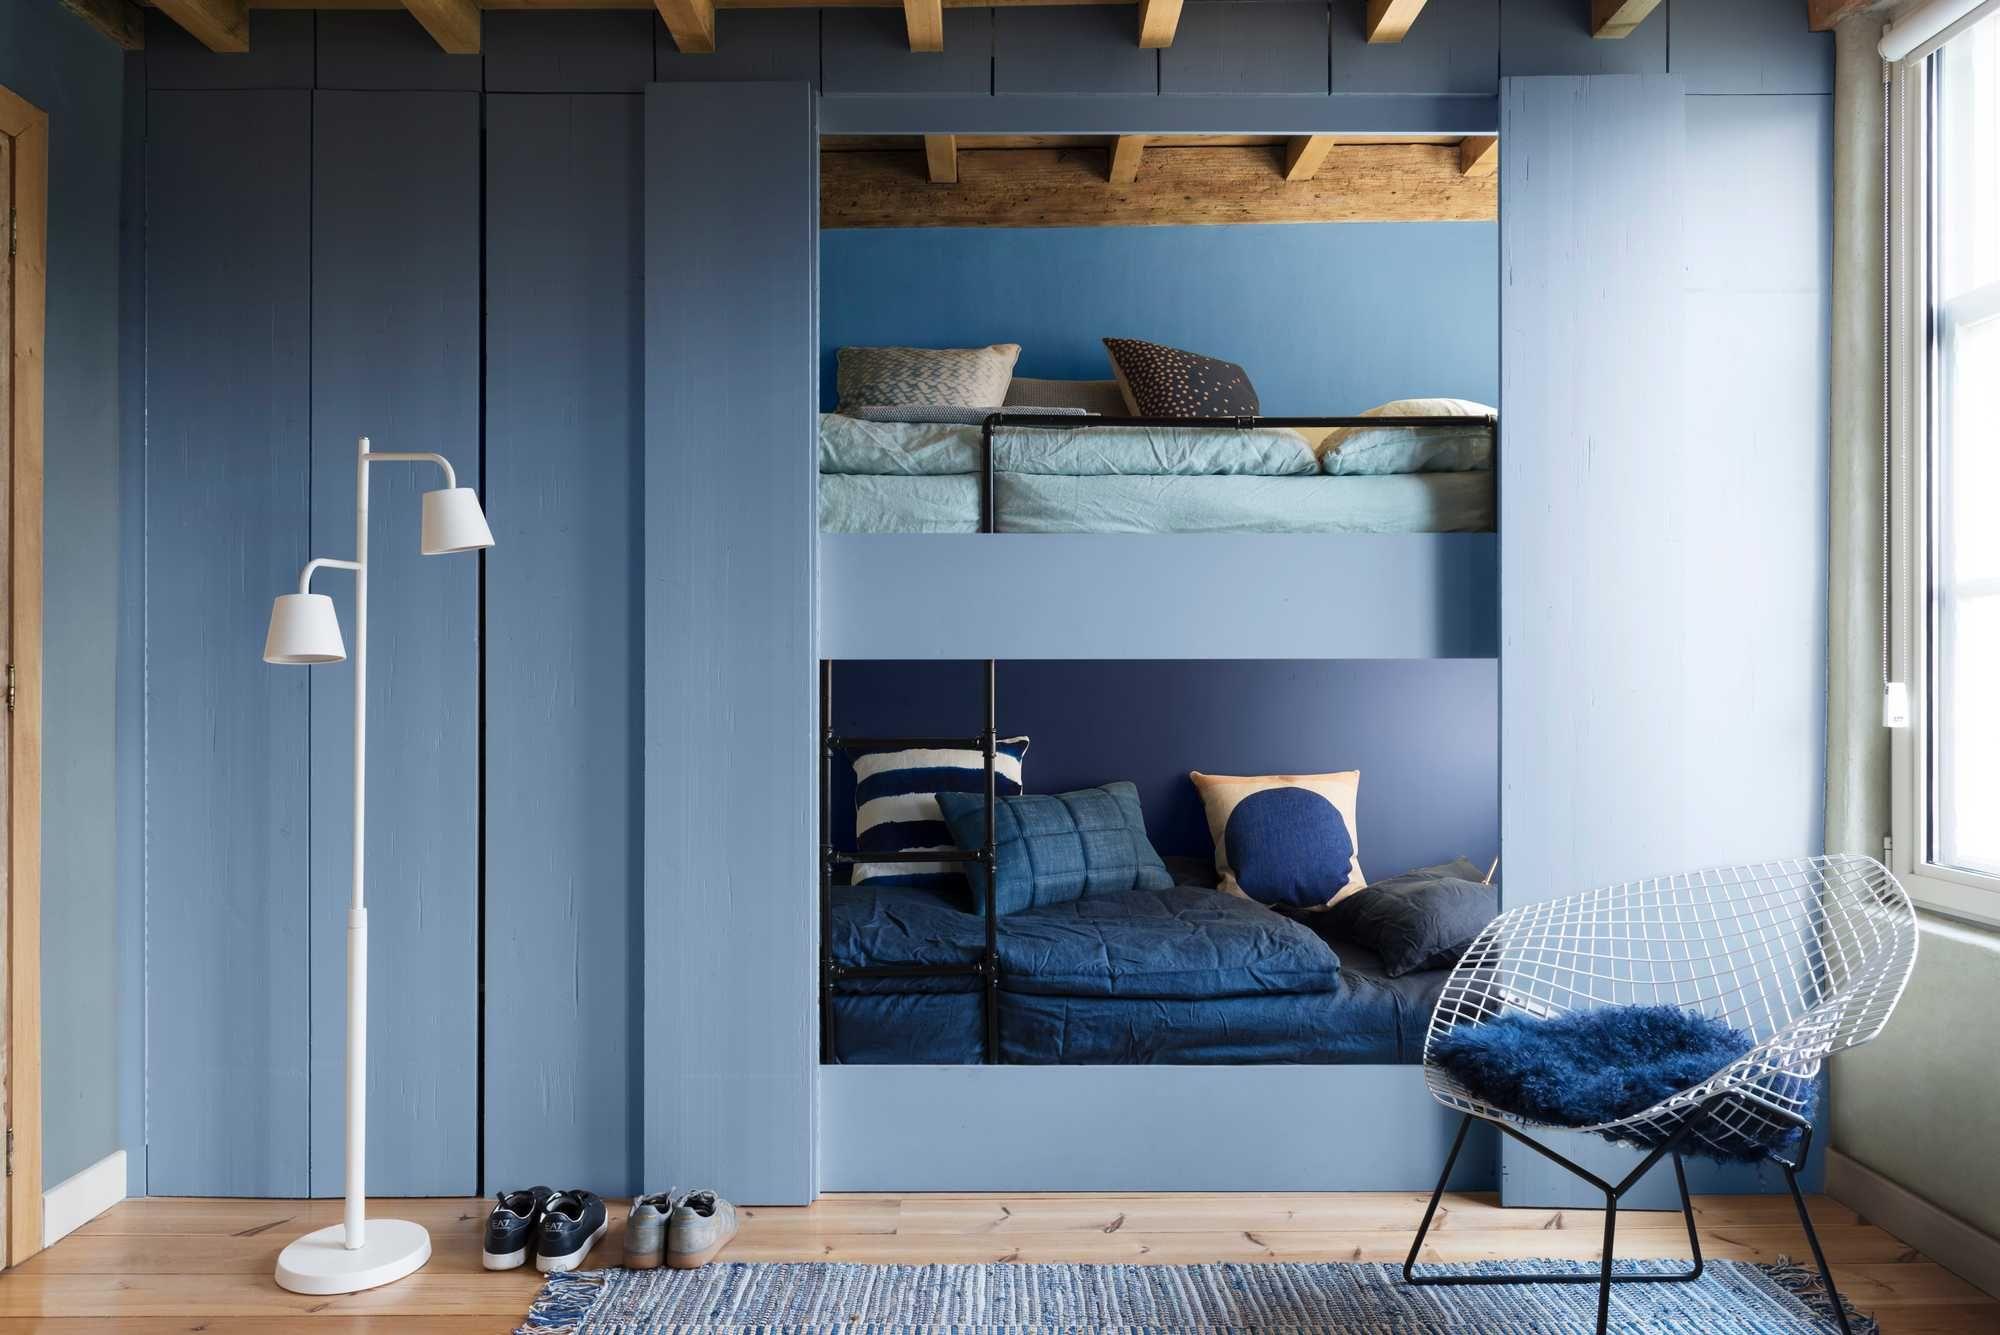 bedstee - Artikelen wonen | Pinterest - Slaapkamer, Jongens en Verf